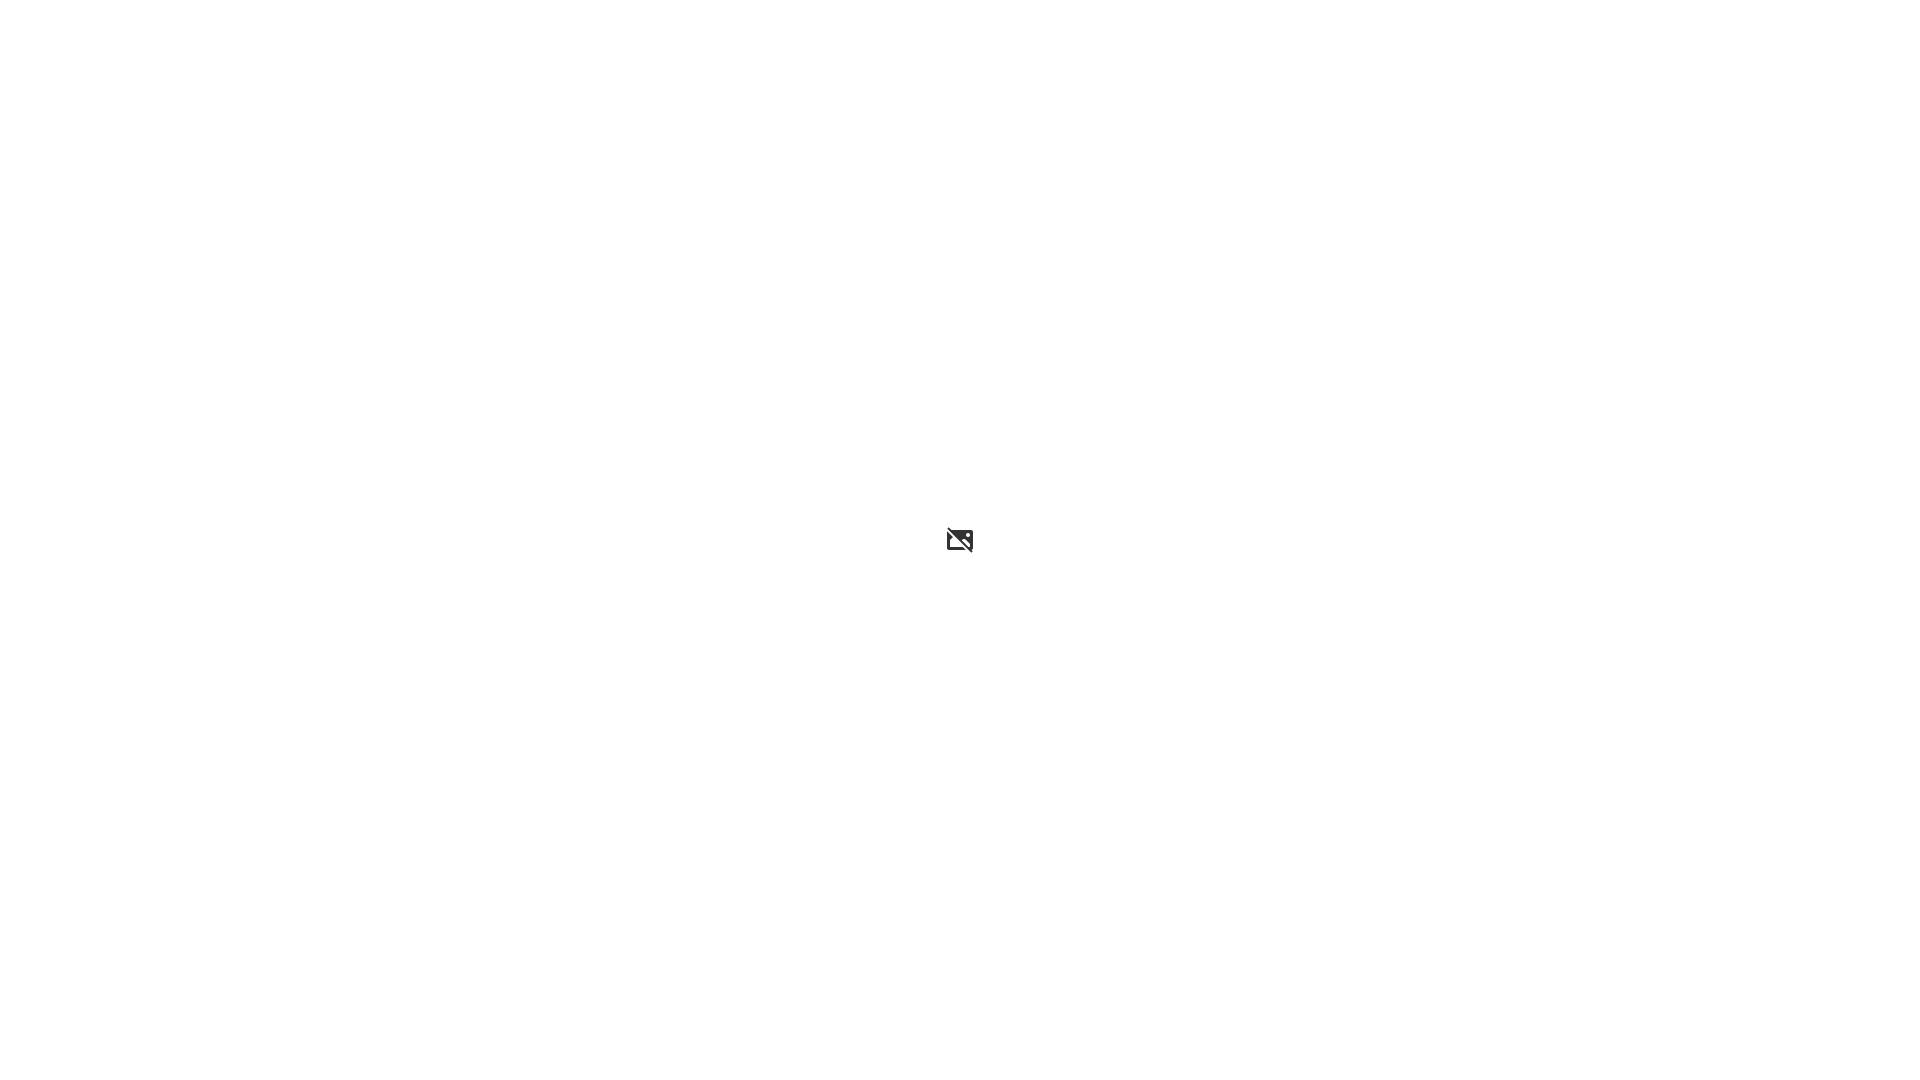 blackfrost_anivia_by_dwindlekin-d6yw4ku